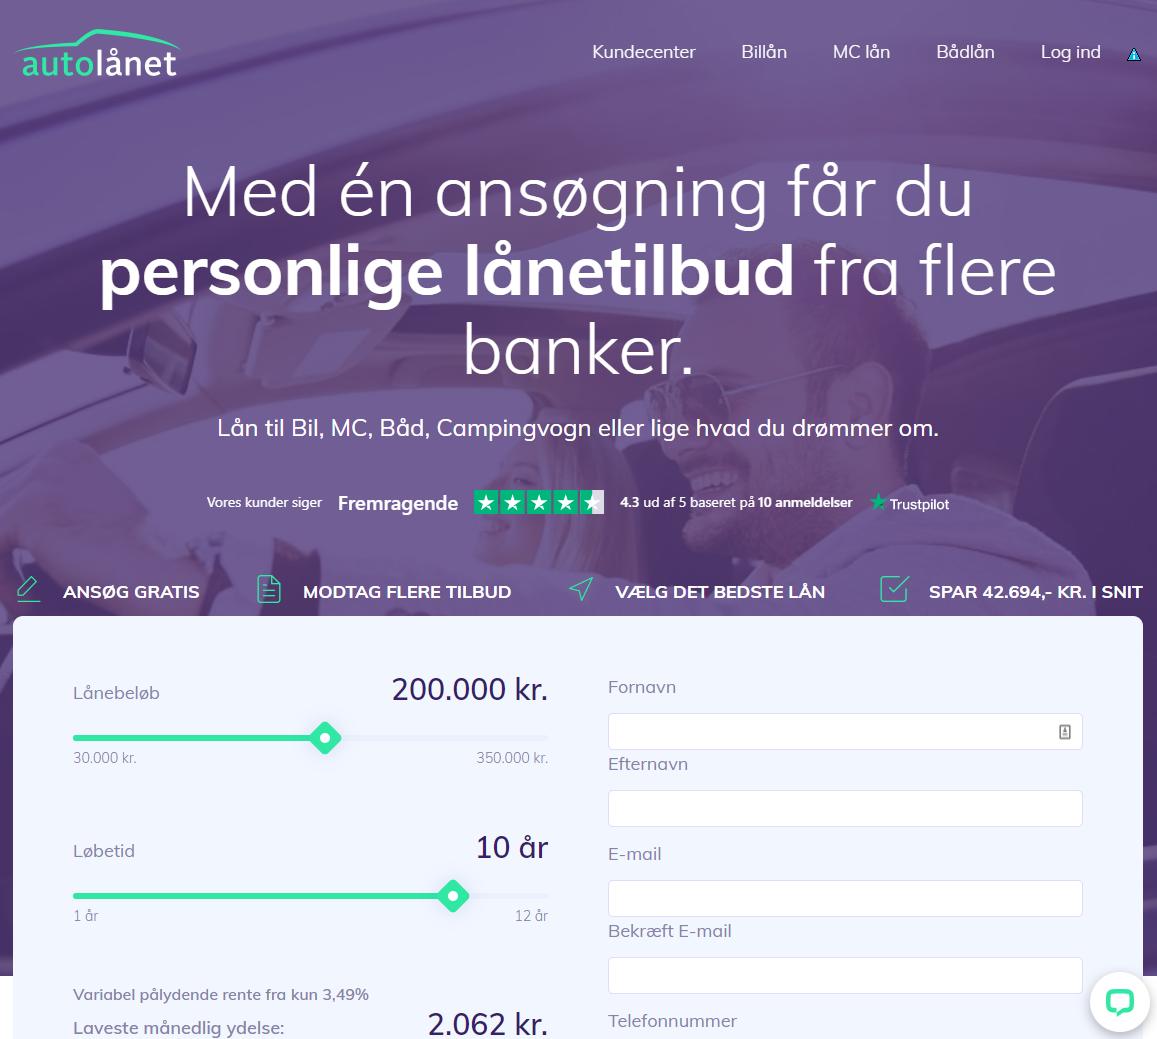 Bilfinansiering - Autolånet.dk